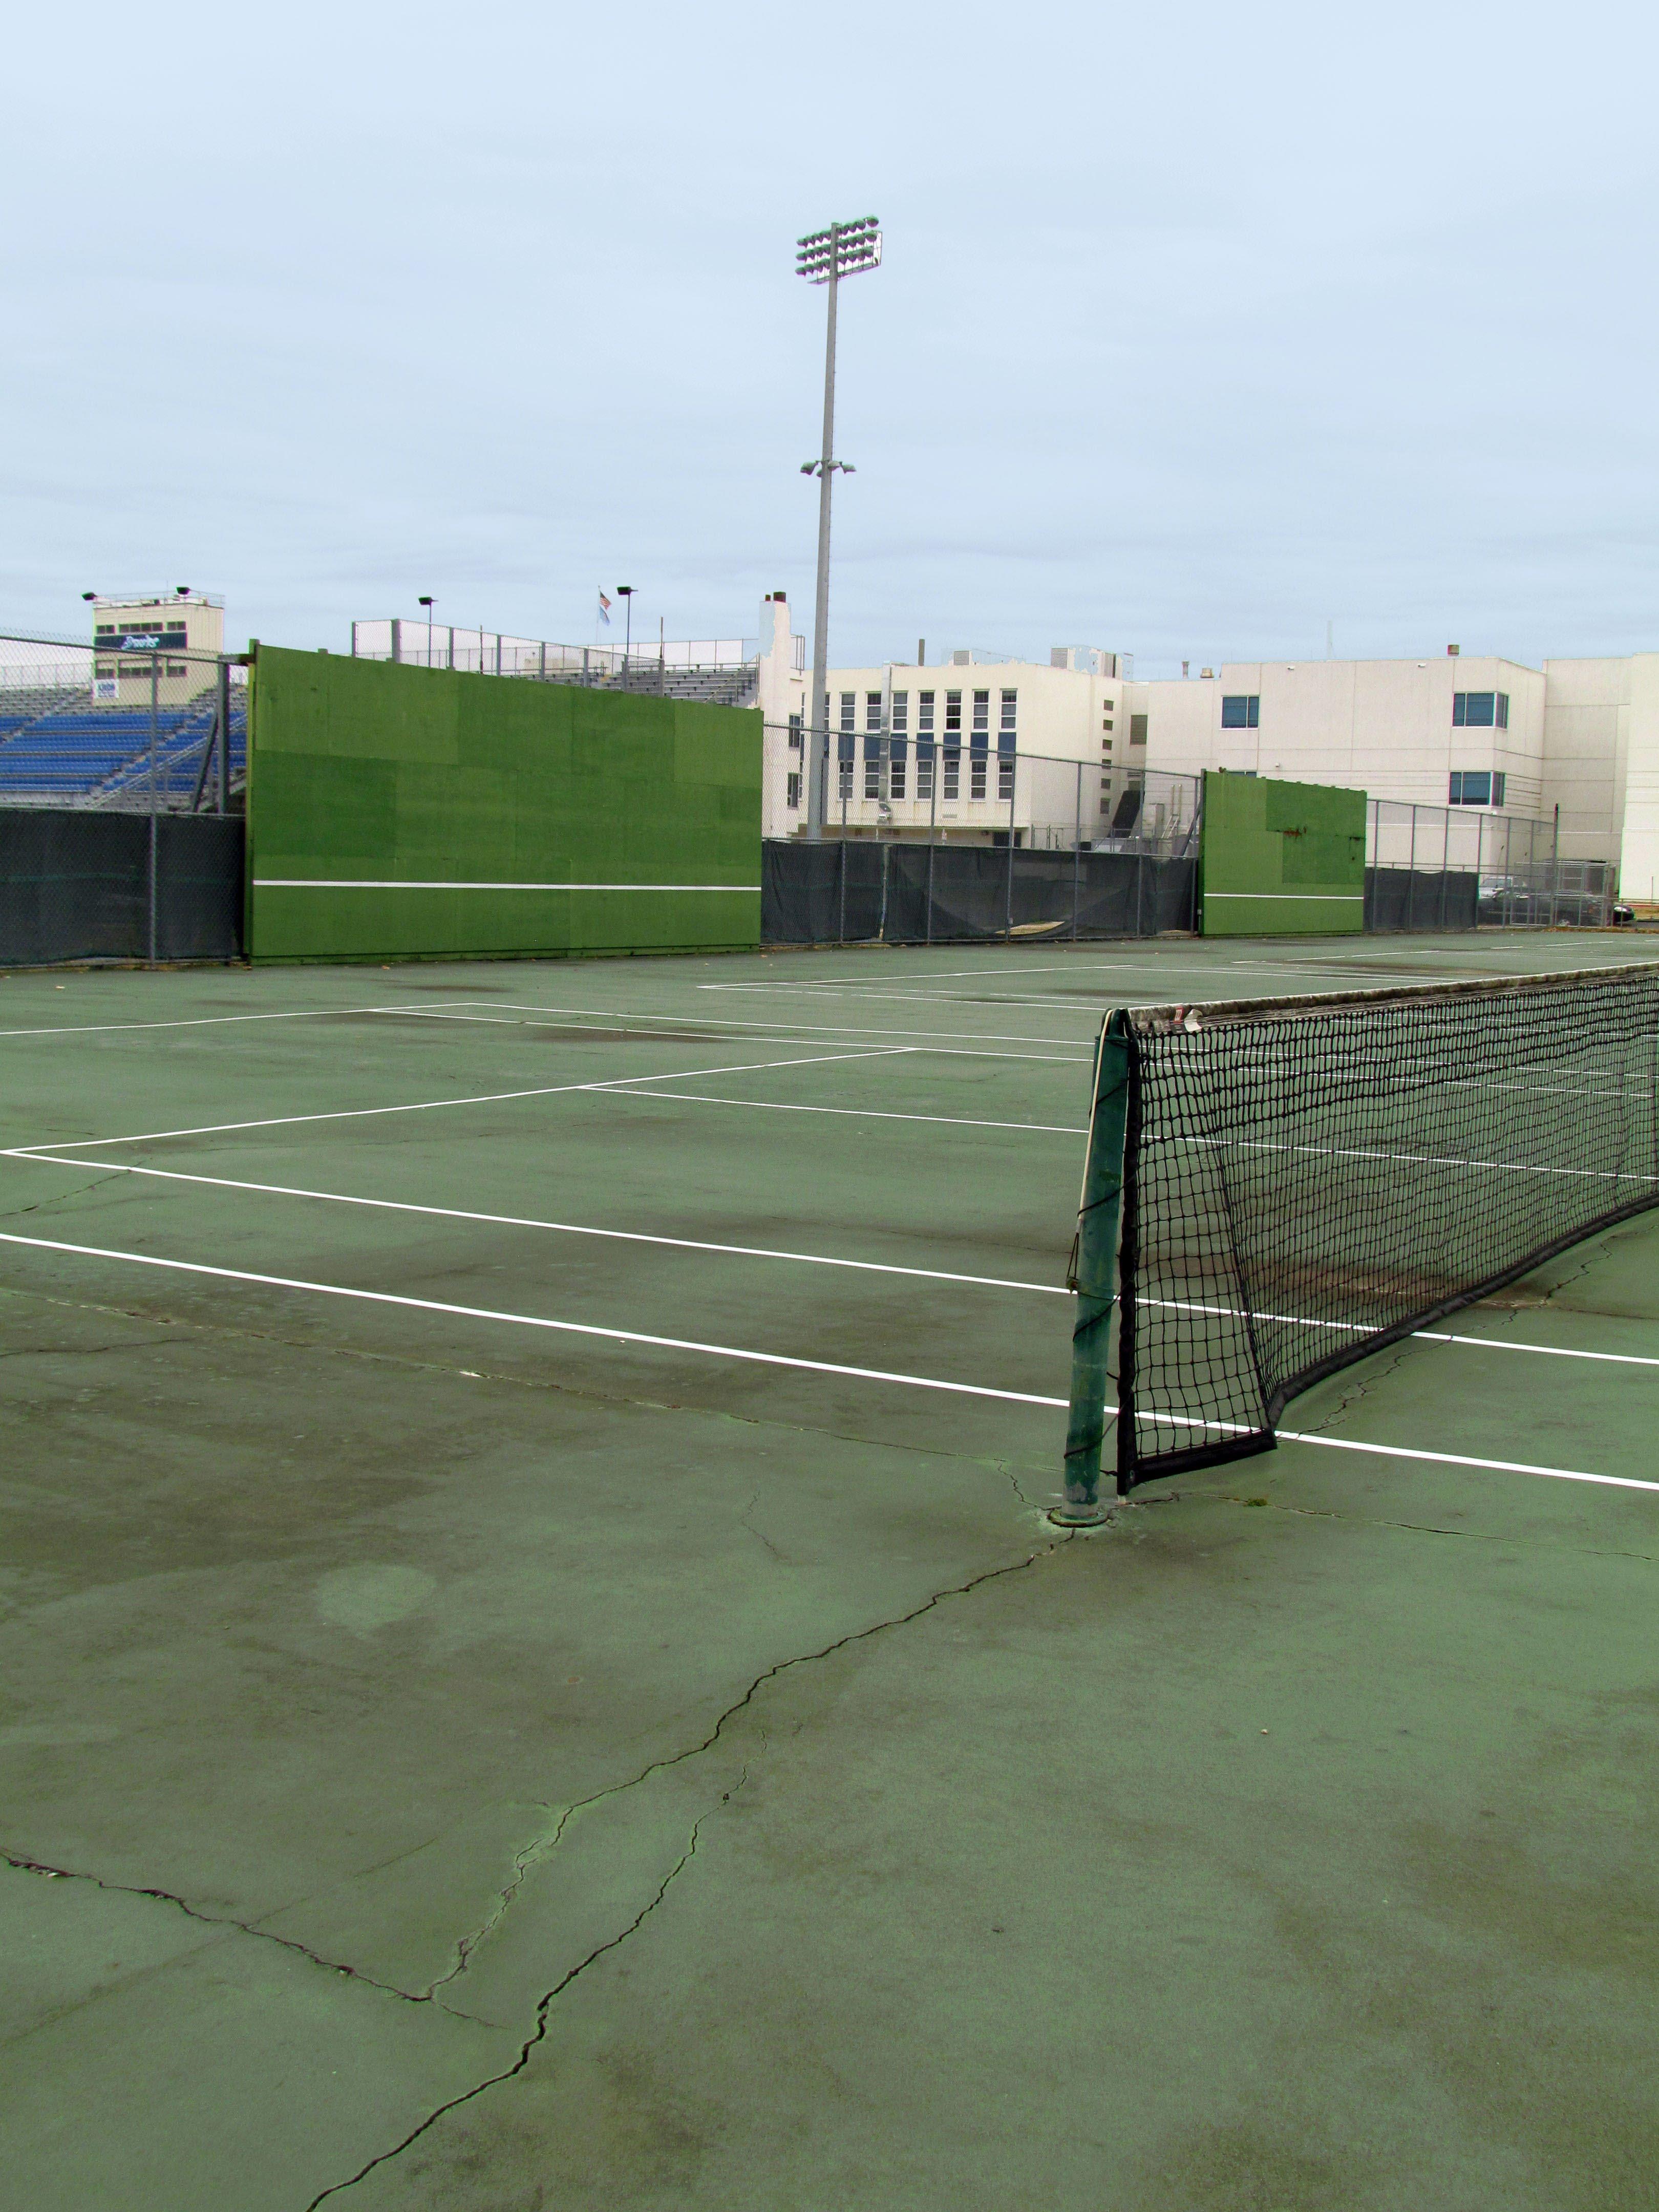 Decrepit tennis courts